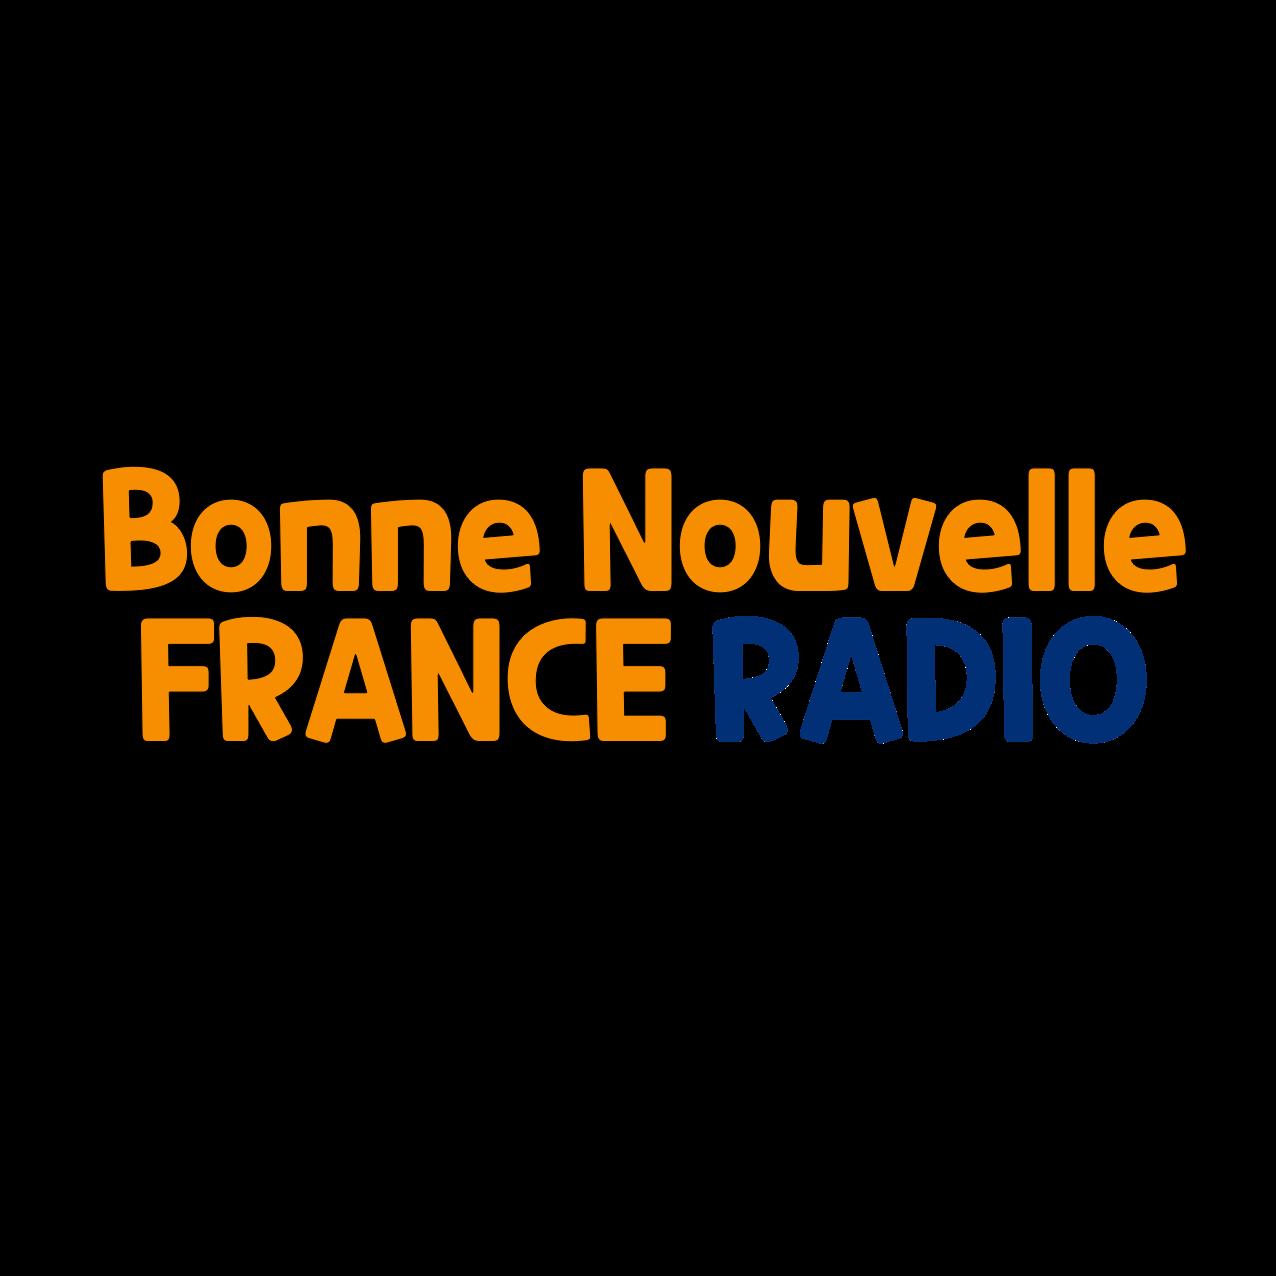 Bonne Nouvelle France RADIO